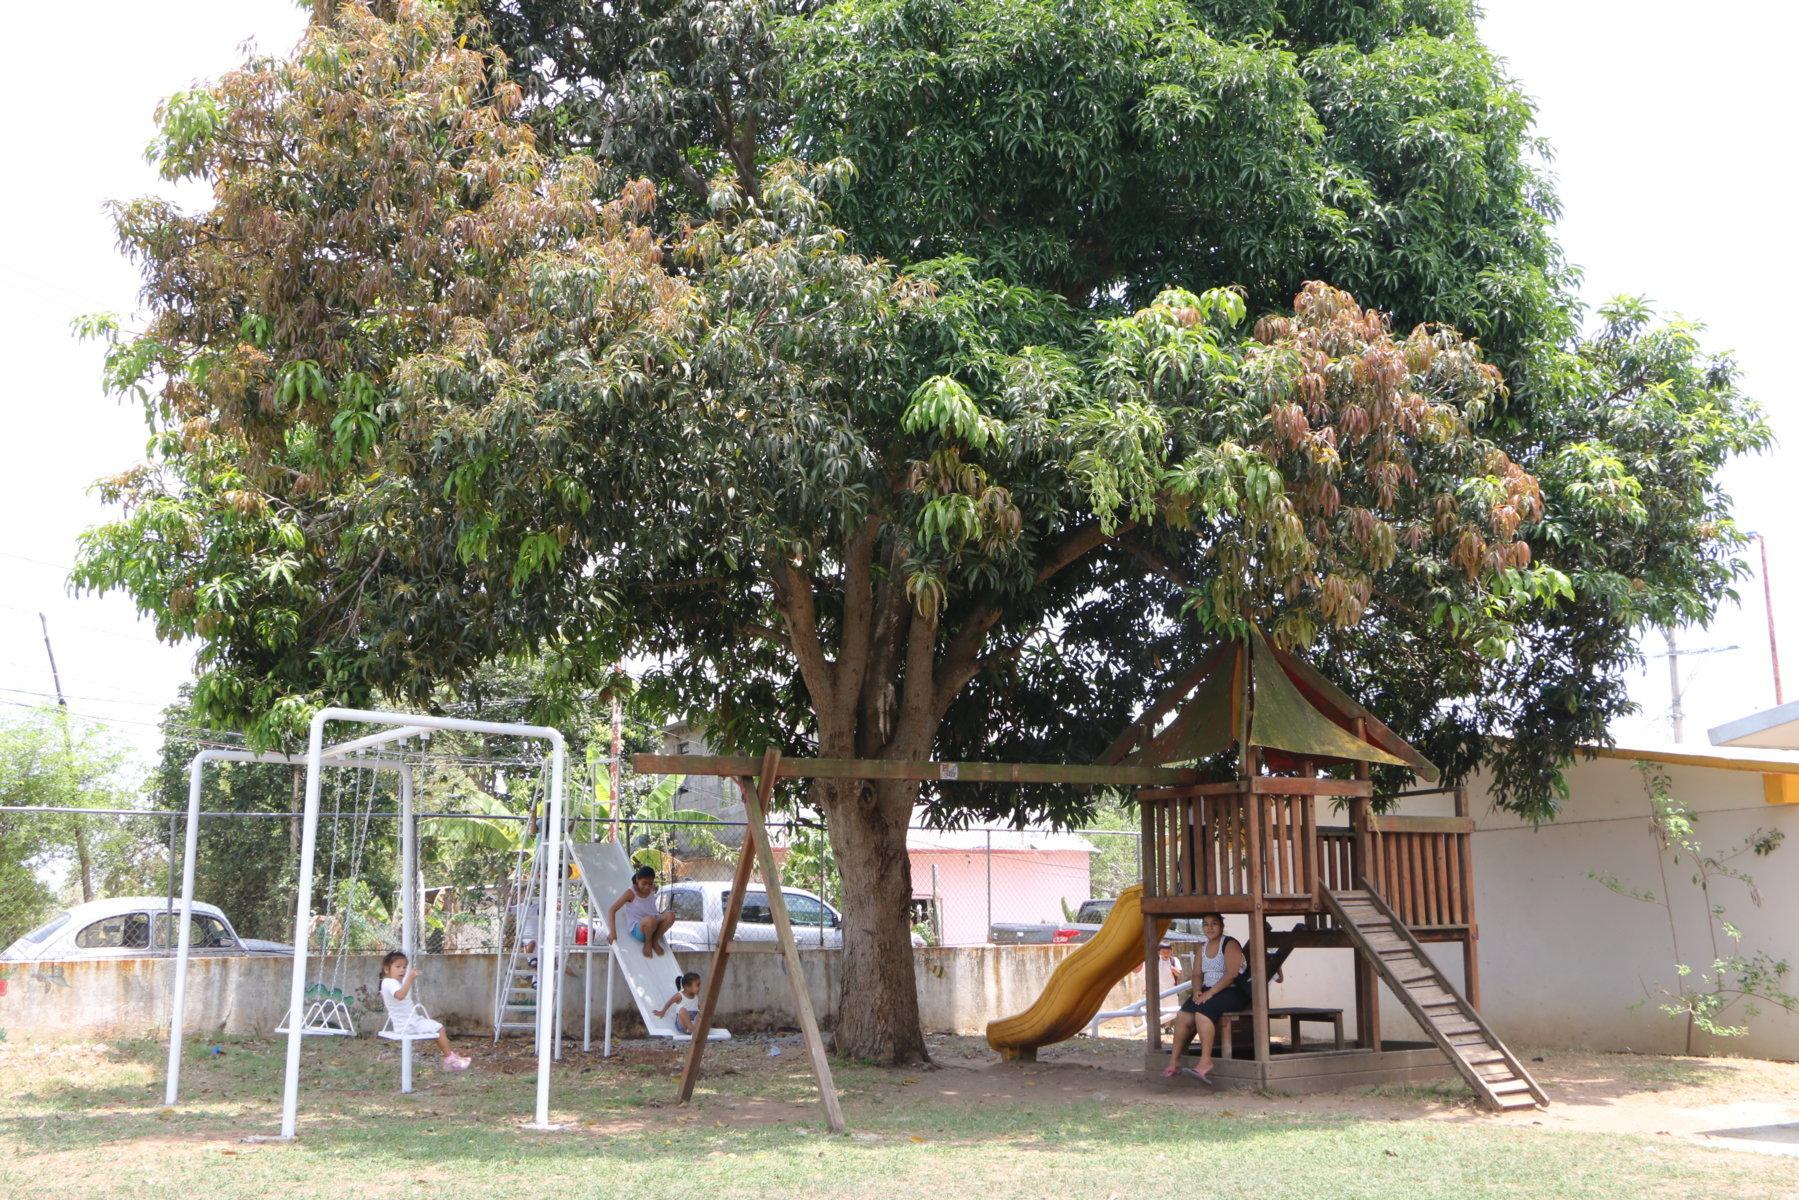 Juegos infantiles de jardin juegos juegos infantiles for Parque infantil jardin